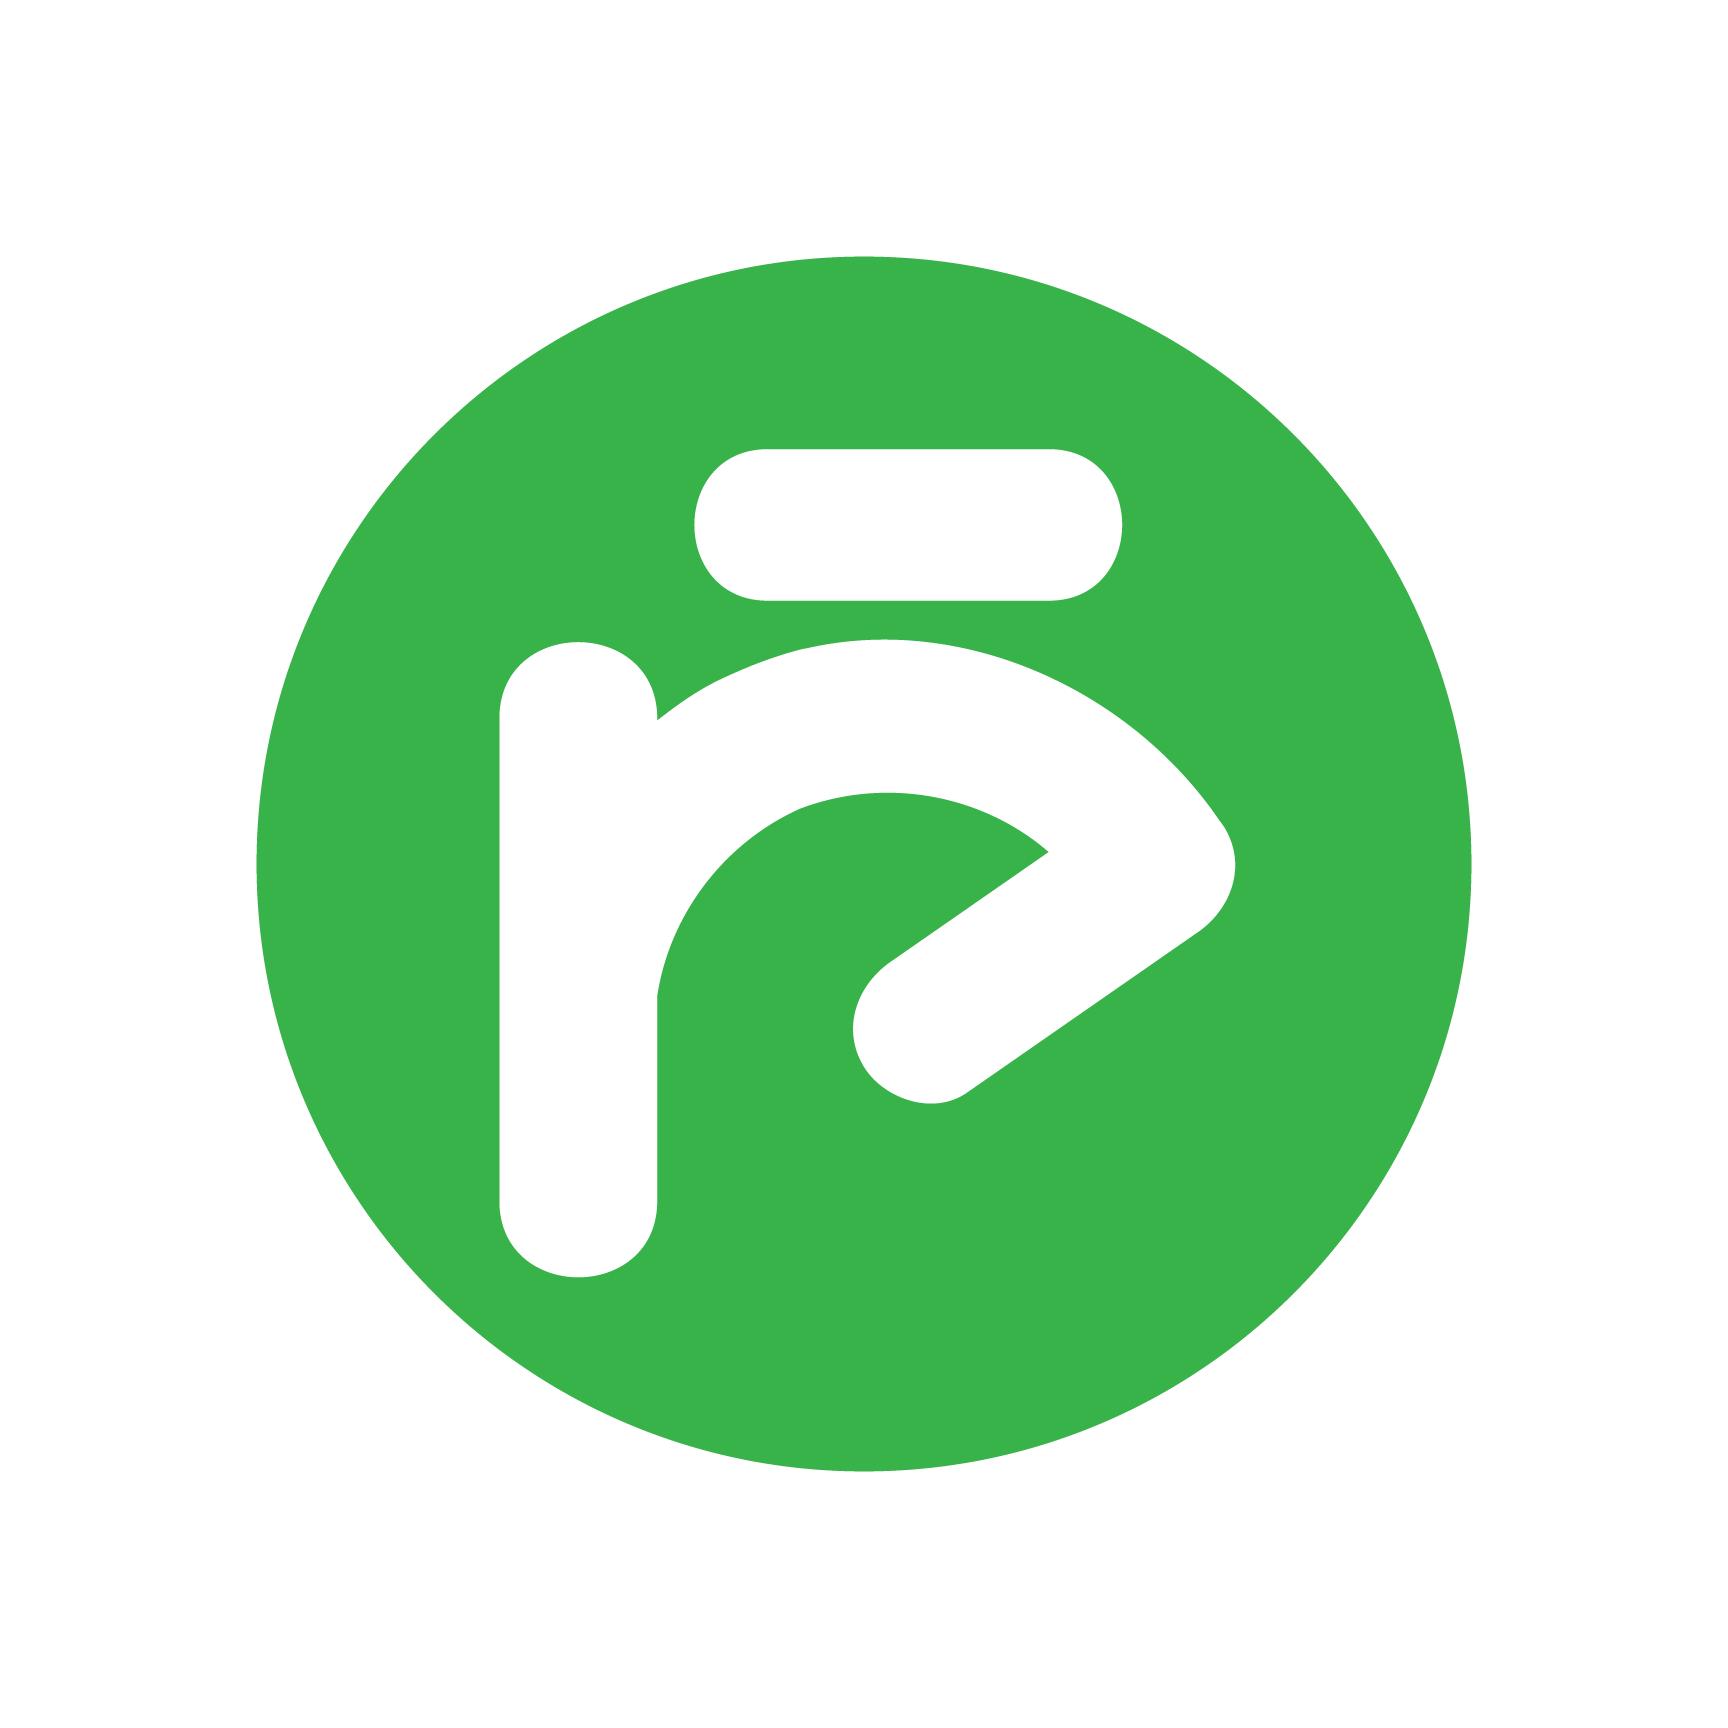 RE FITNESS STUDIO